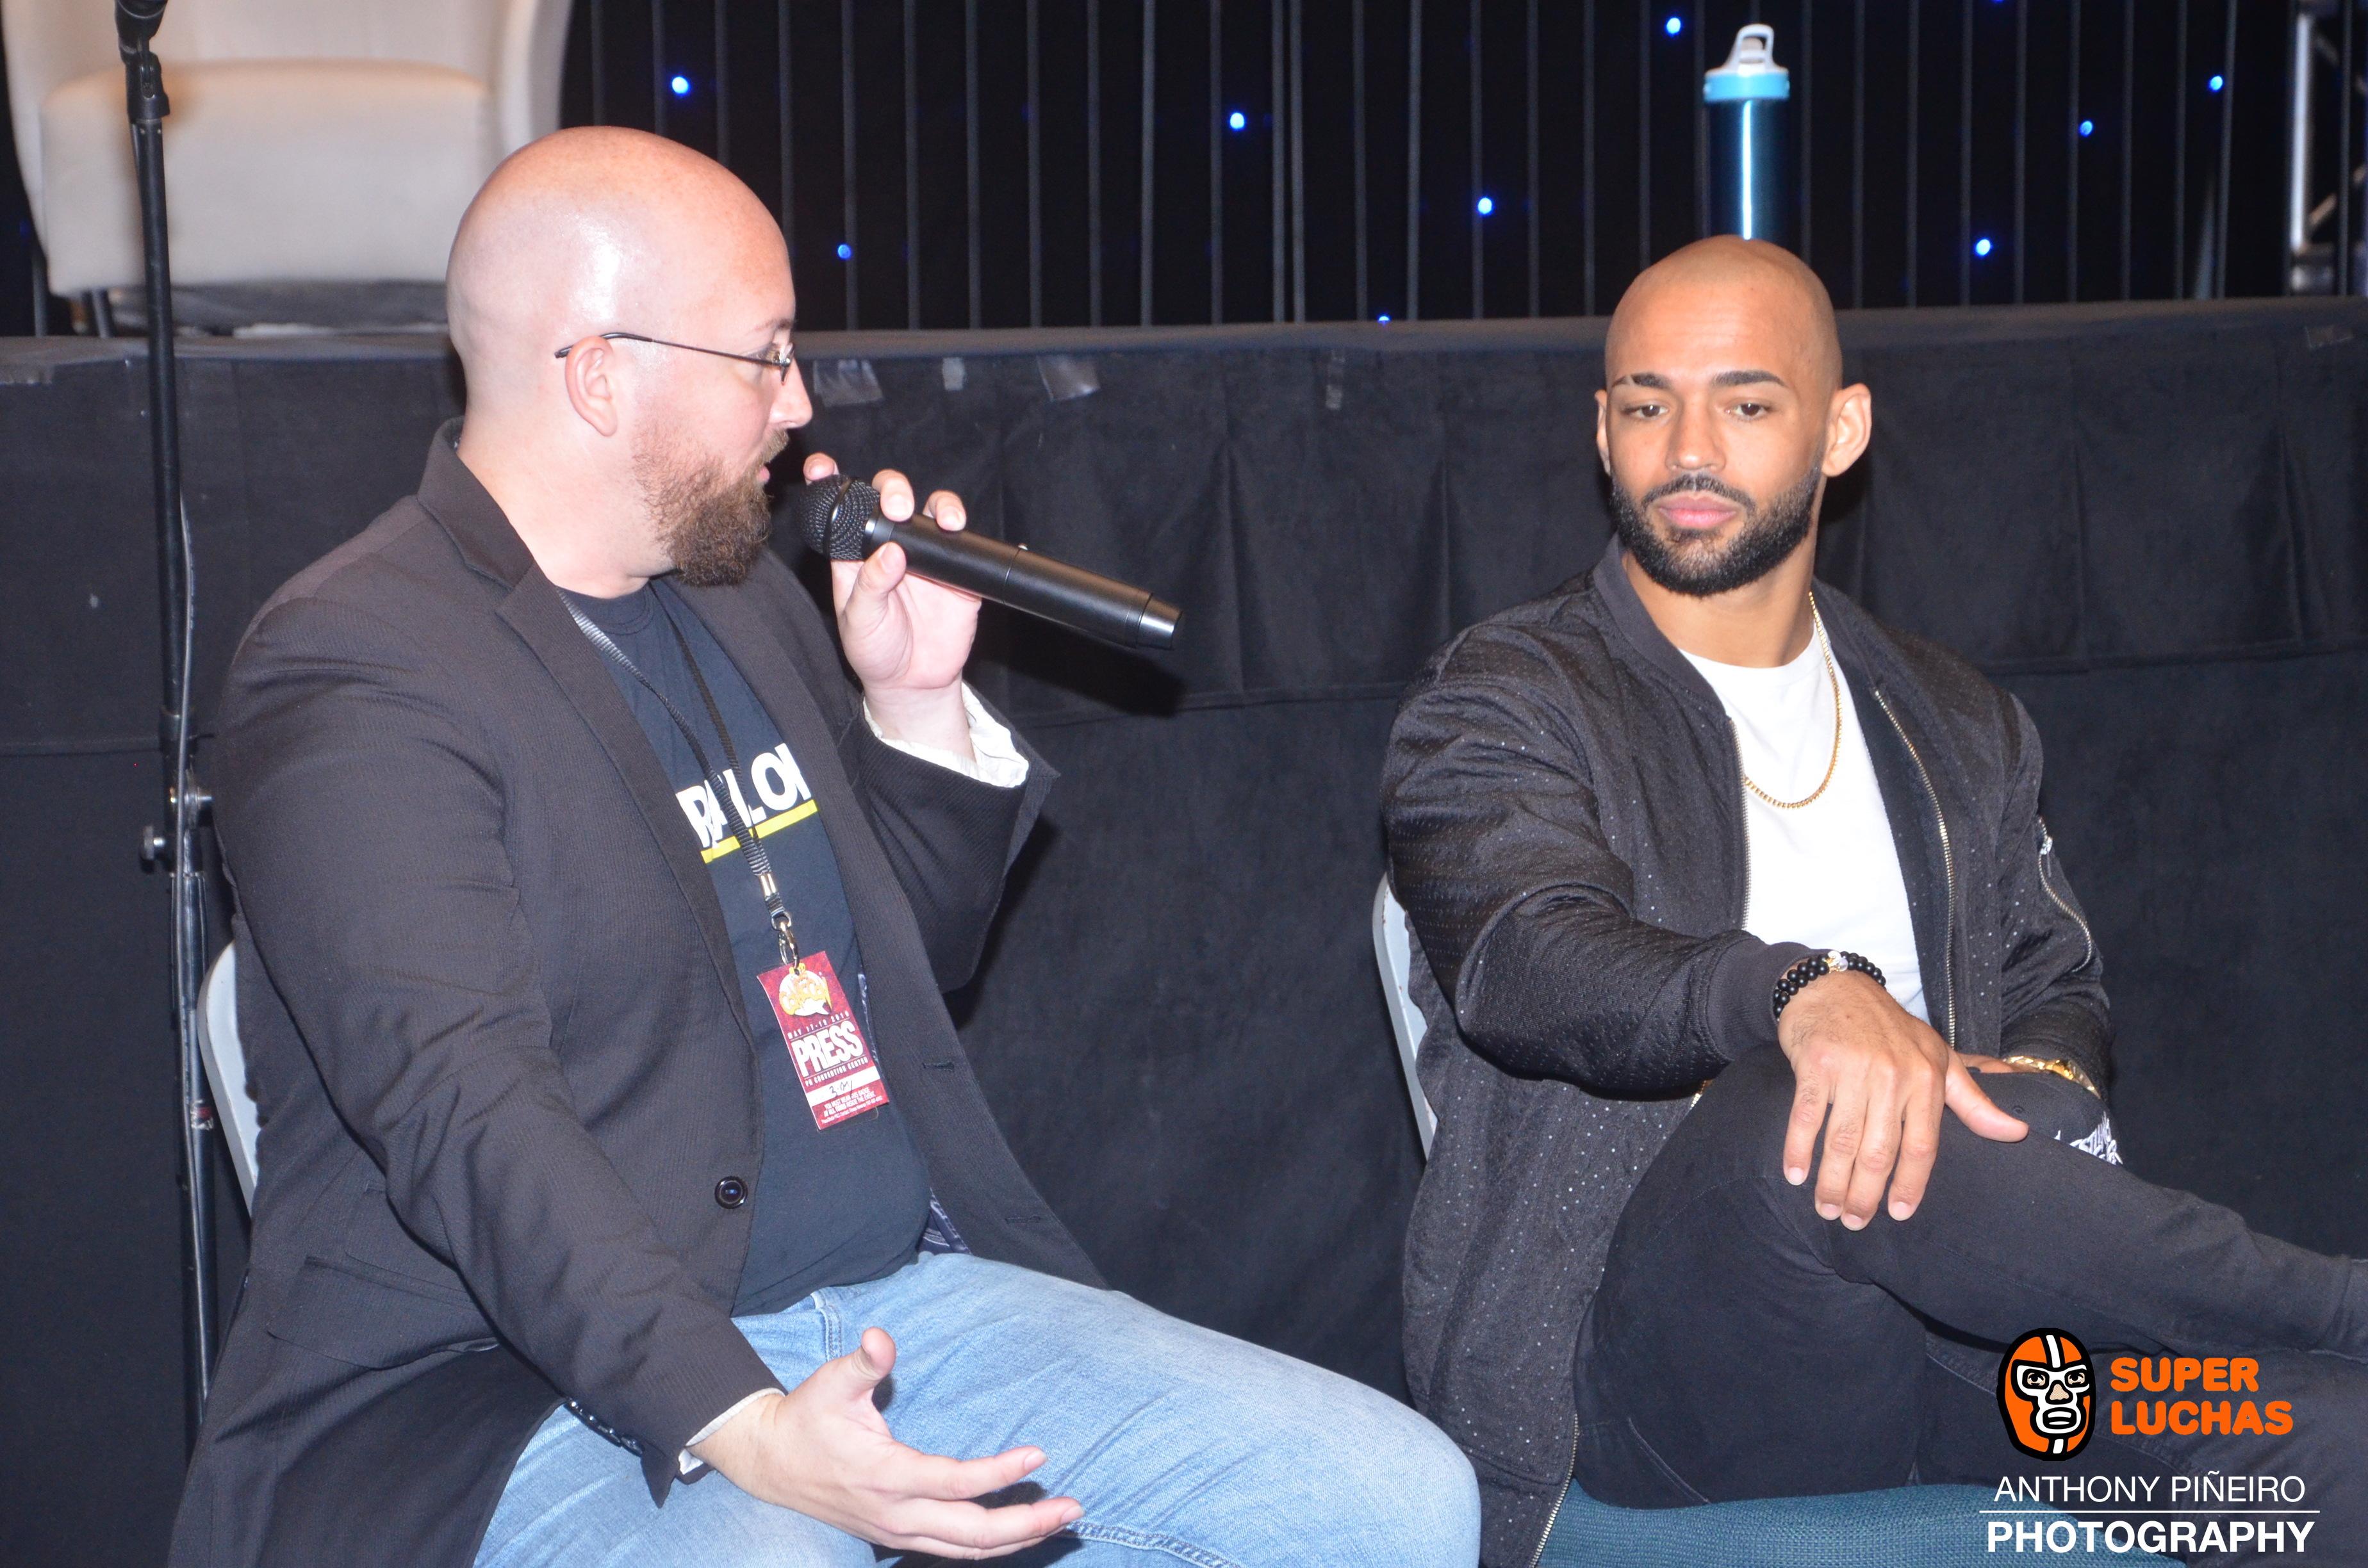 Ricochet en el Puerto Rico Comic Con 2019 2